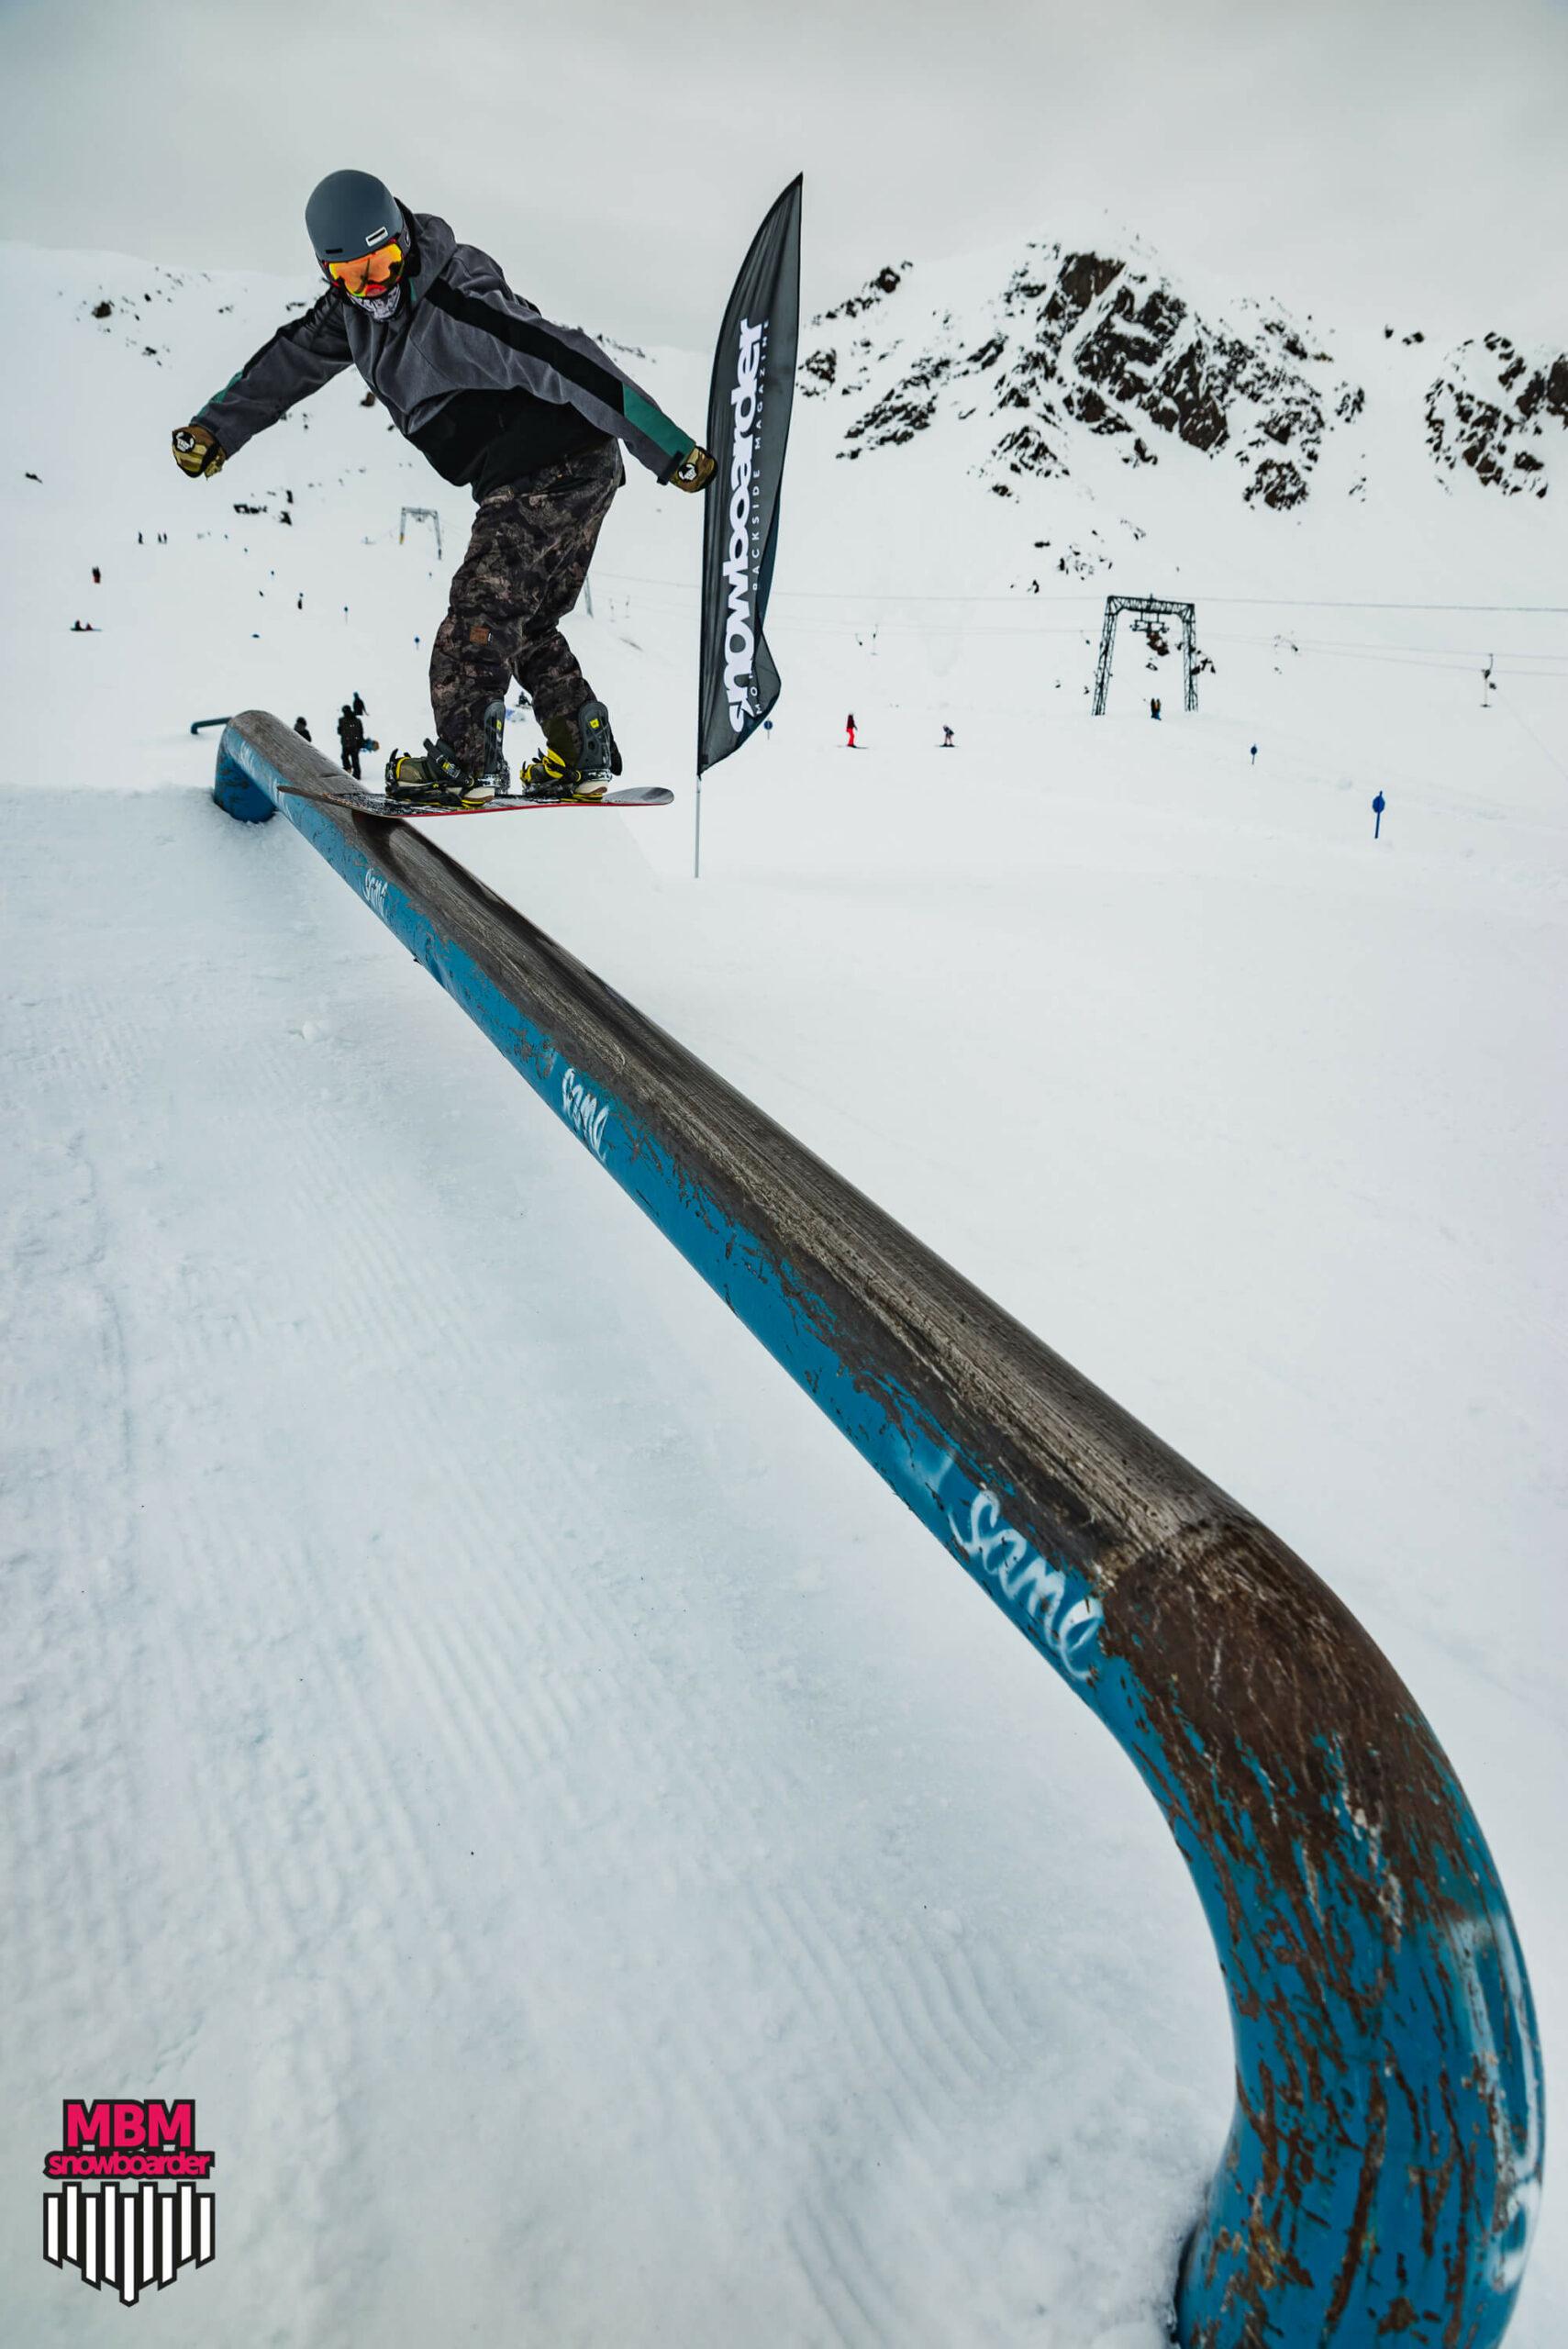 snowboarderMBM_sd_kaunertal_041